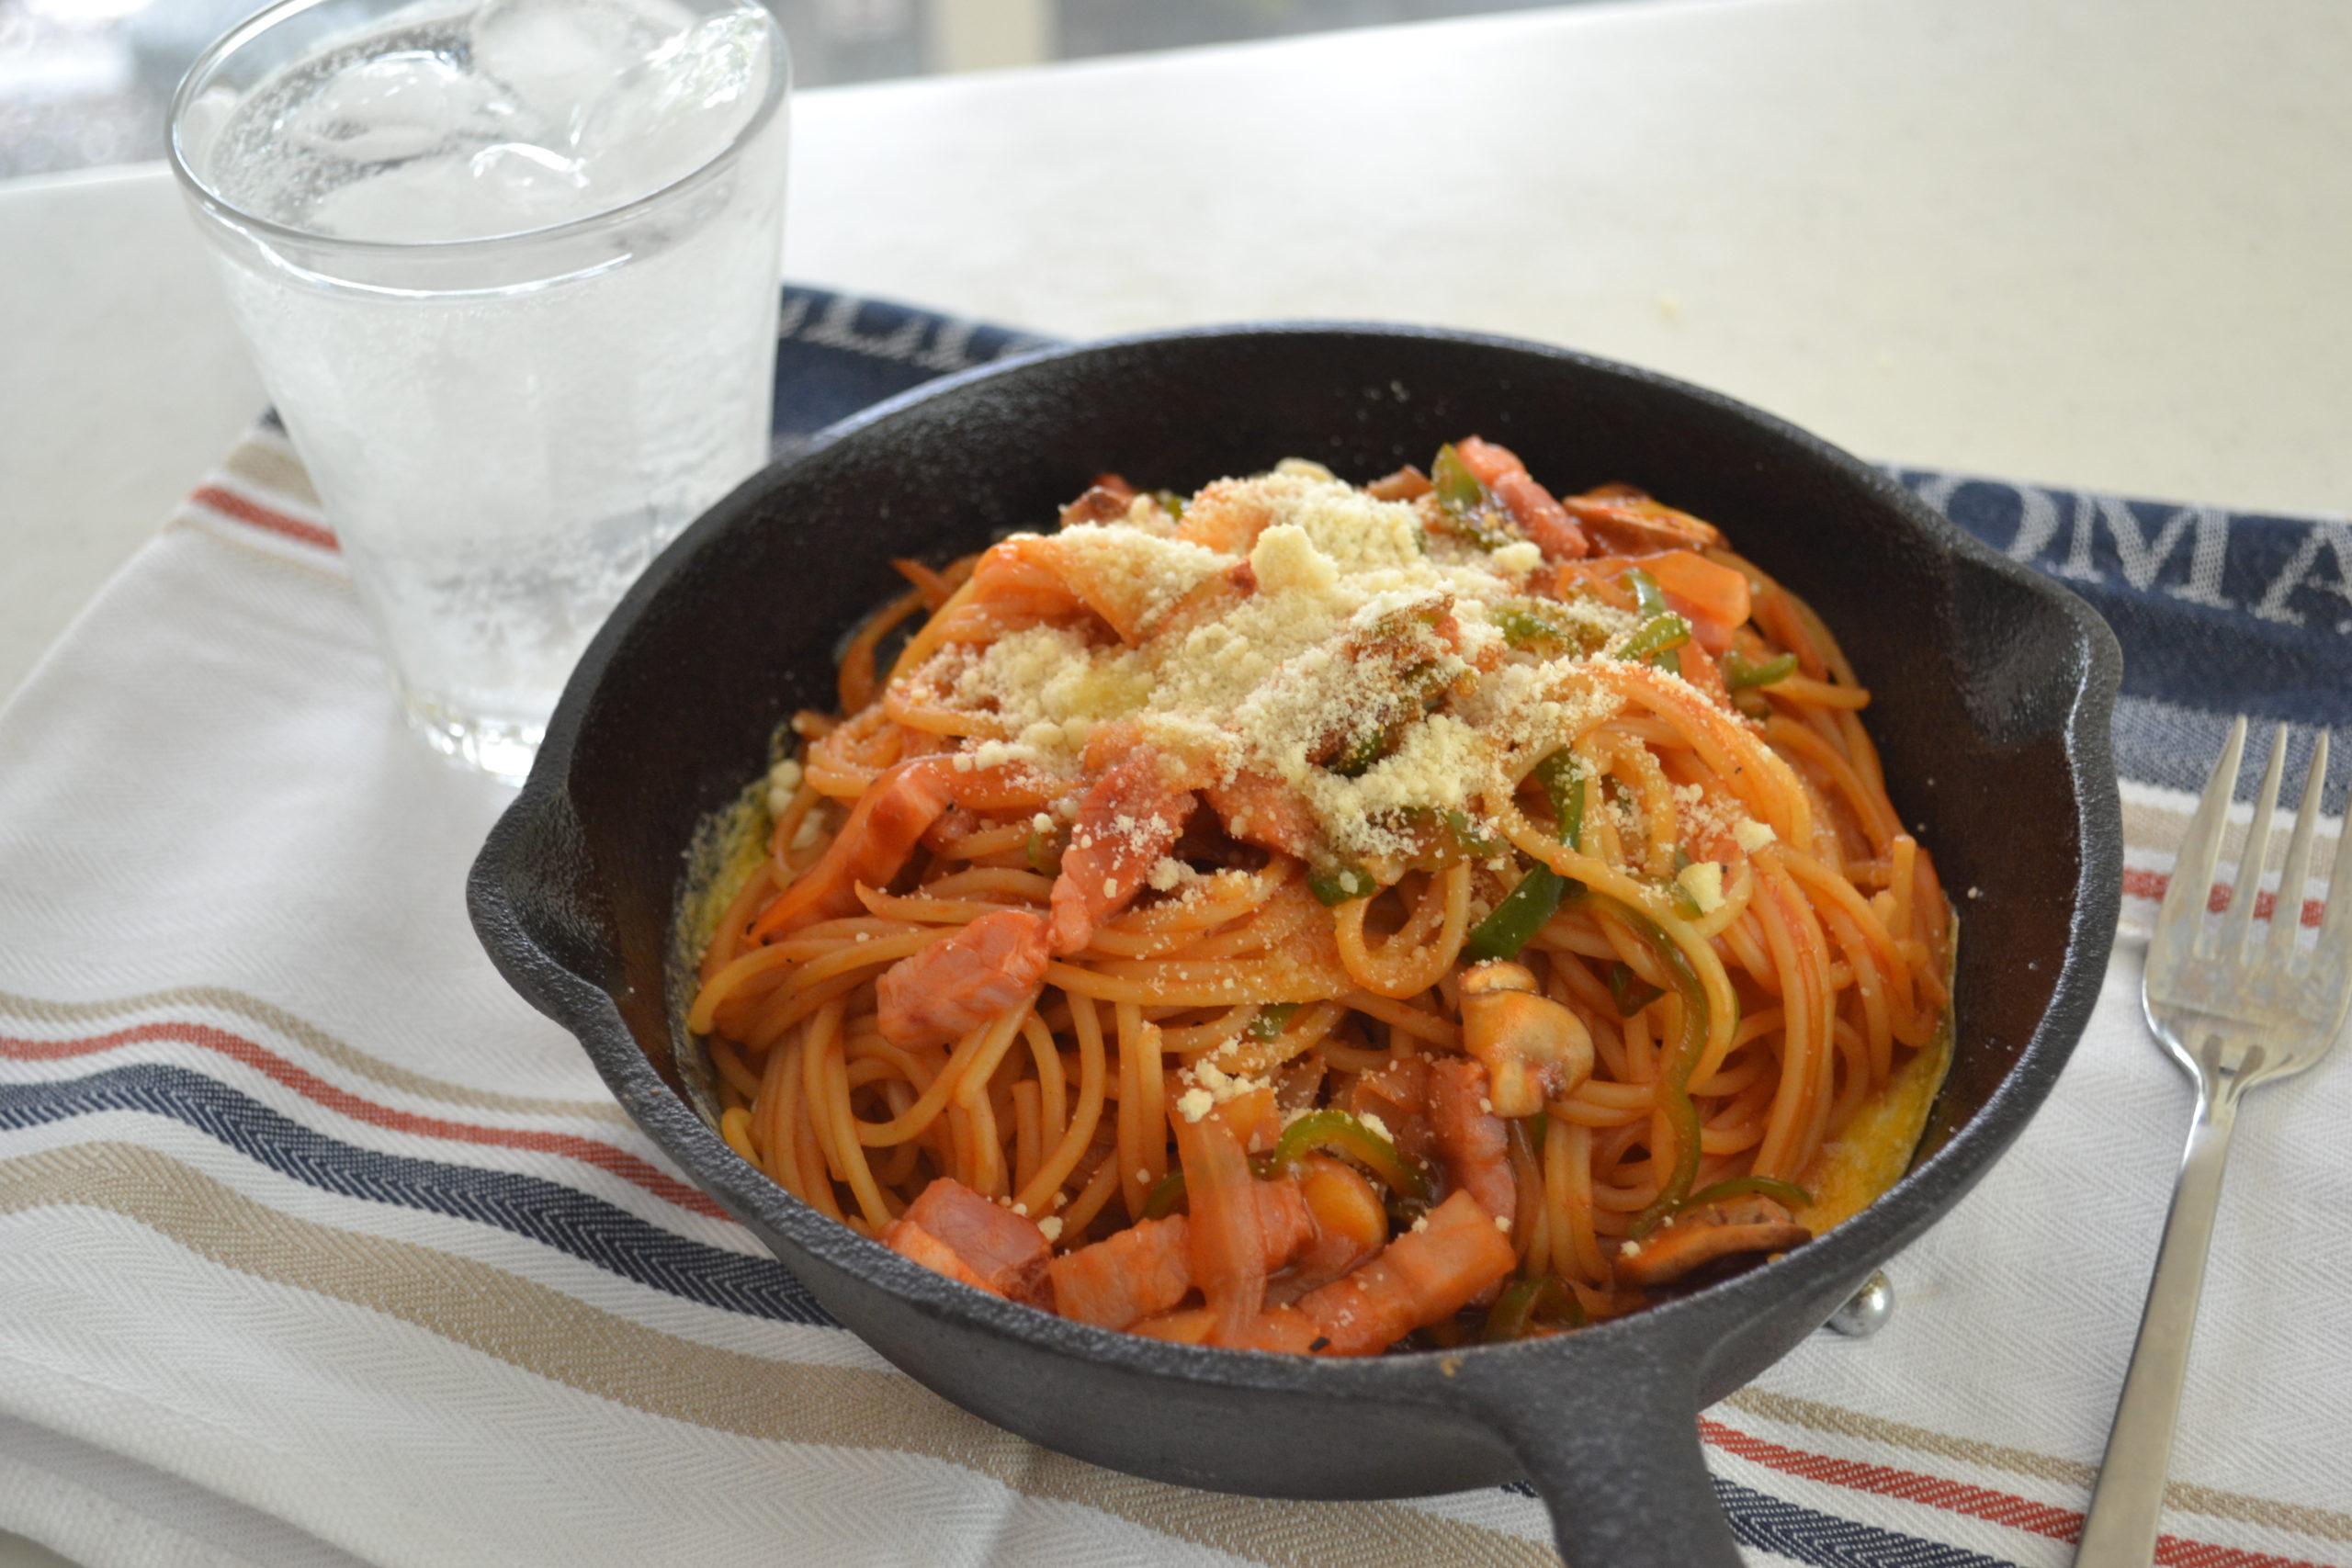 SPAGHETTI NAPOLITAN | Japanese take on pasta | Ketchup pasta (EP278)